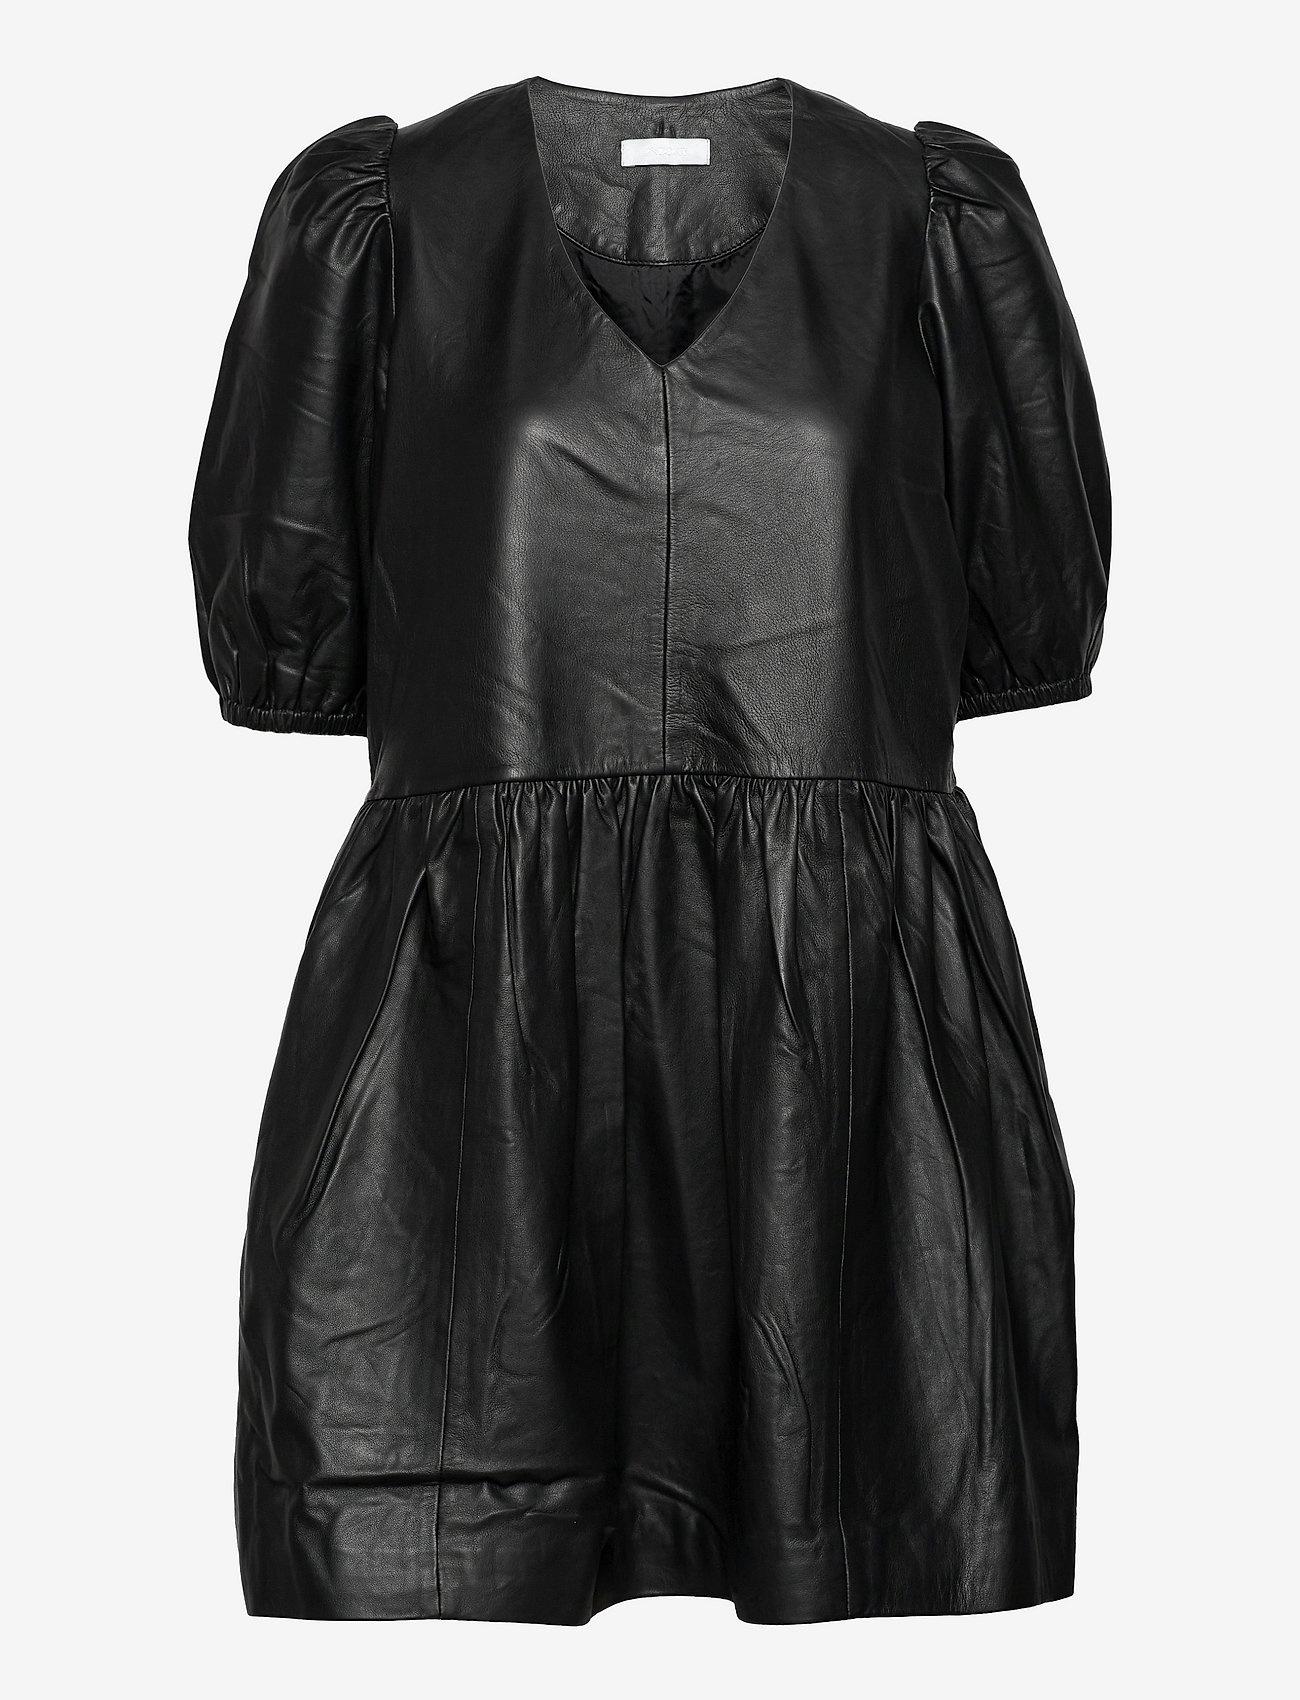 2NDDAY Dames leer jurk, zwart